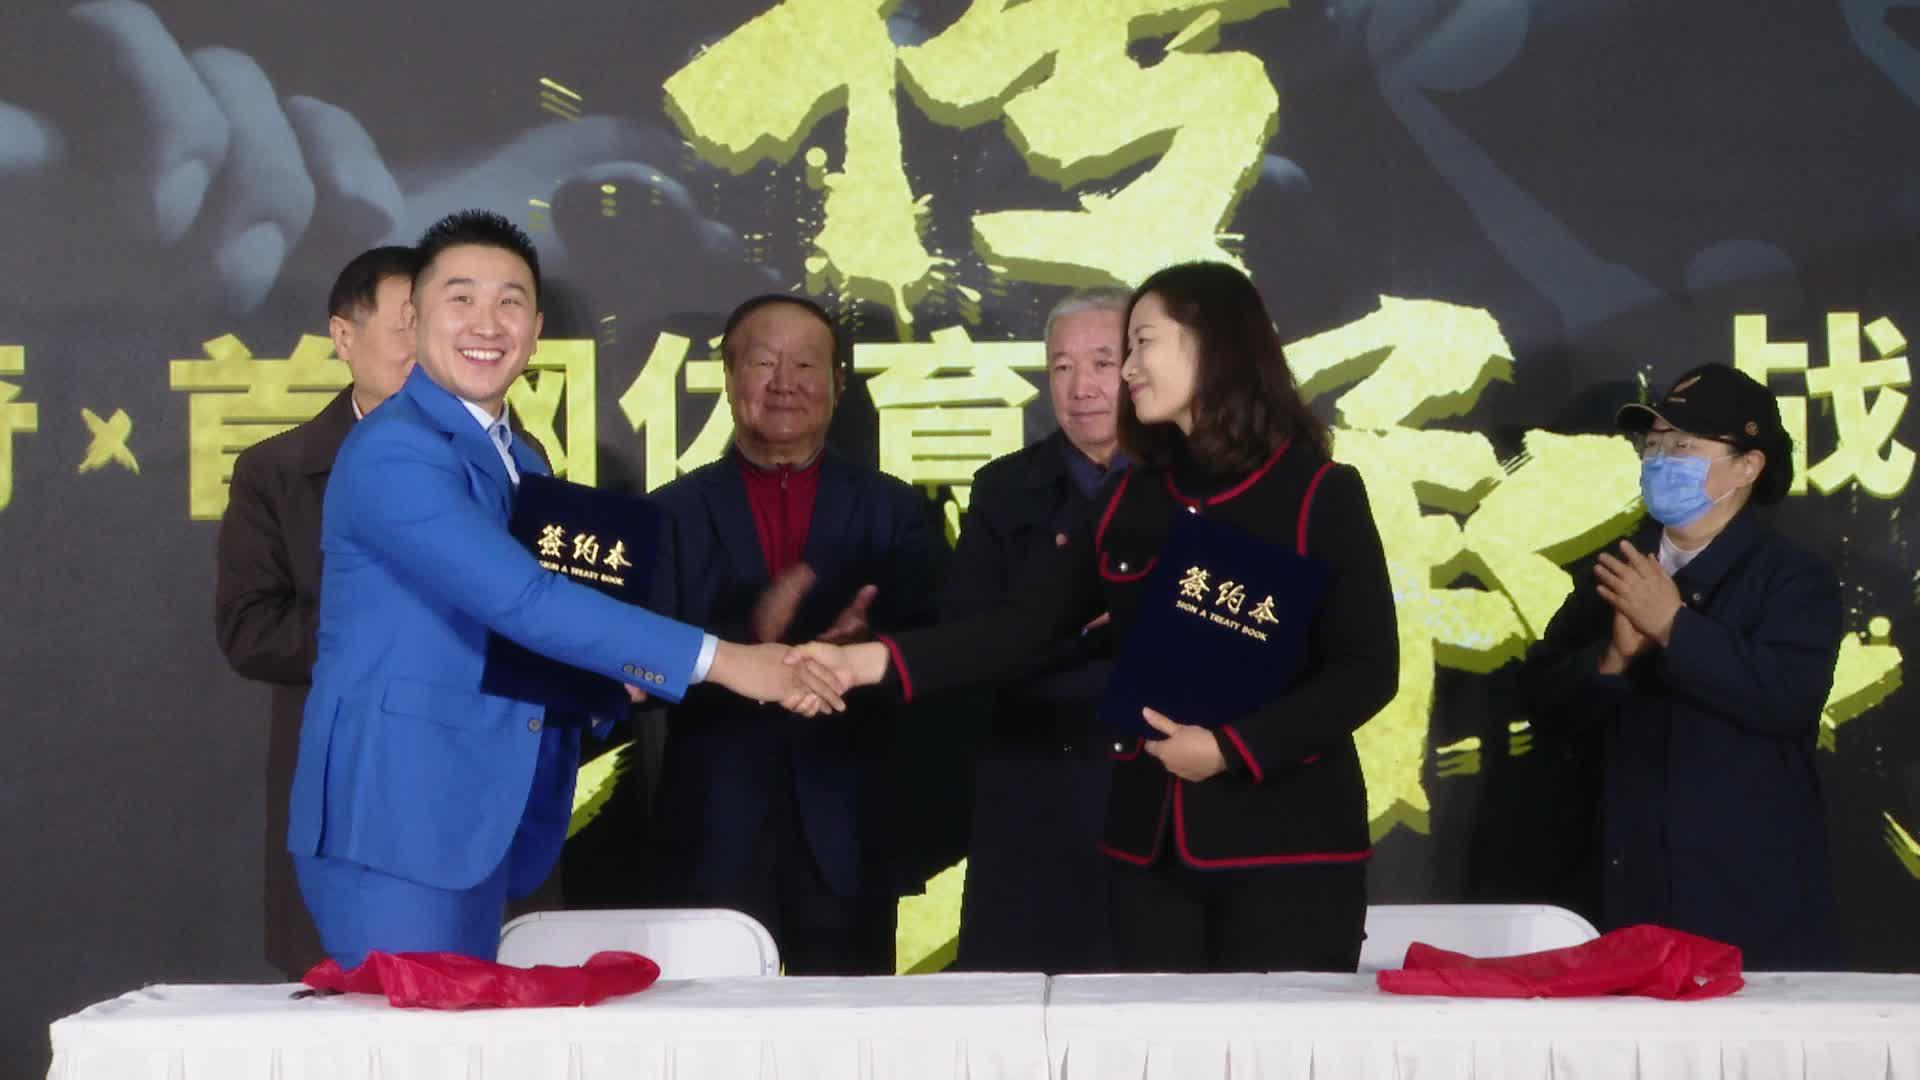 首钢体育携手城市传奇,让北京成为更好的体育城!